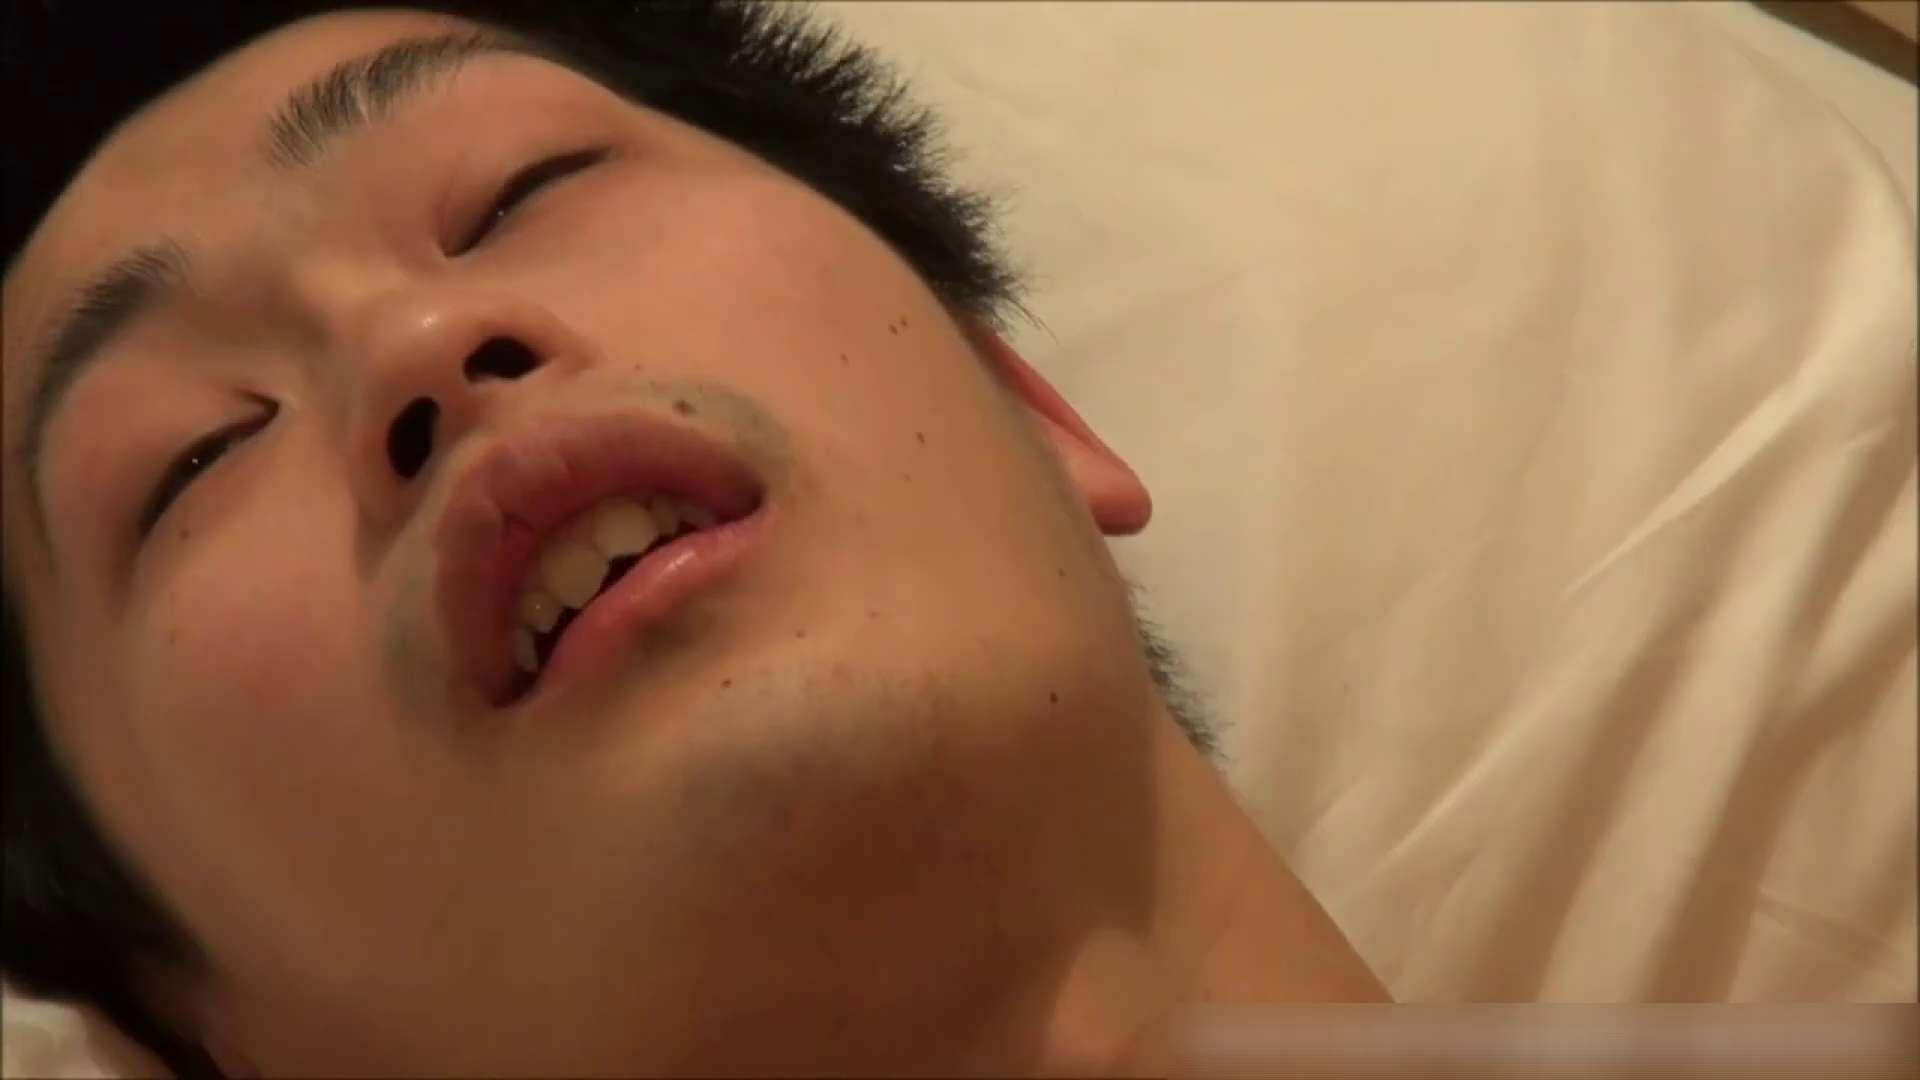 イケメンSEX!嗚呼!男達の挽歌Vol.04 モザイク無し ゲイ無修正動画画像 112pic 38